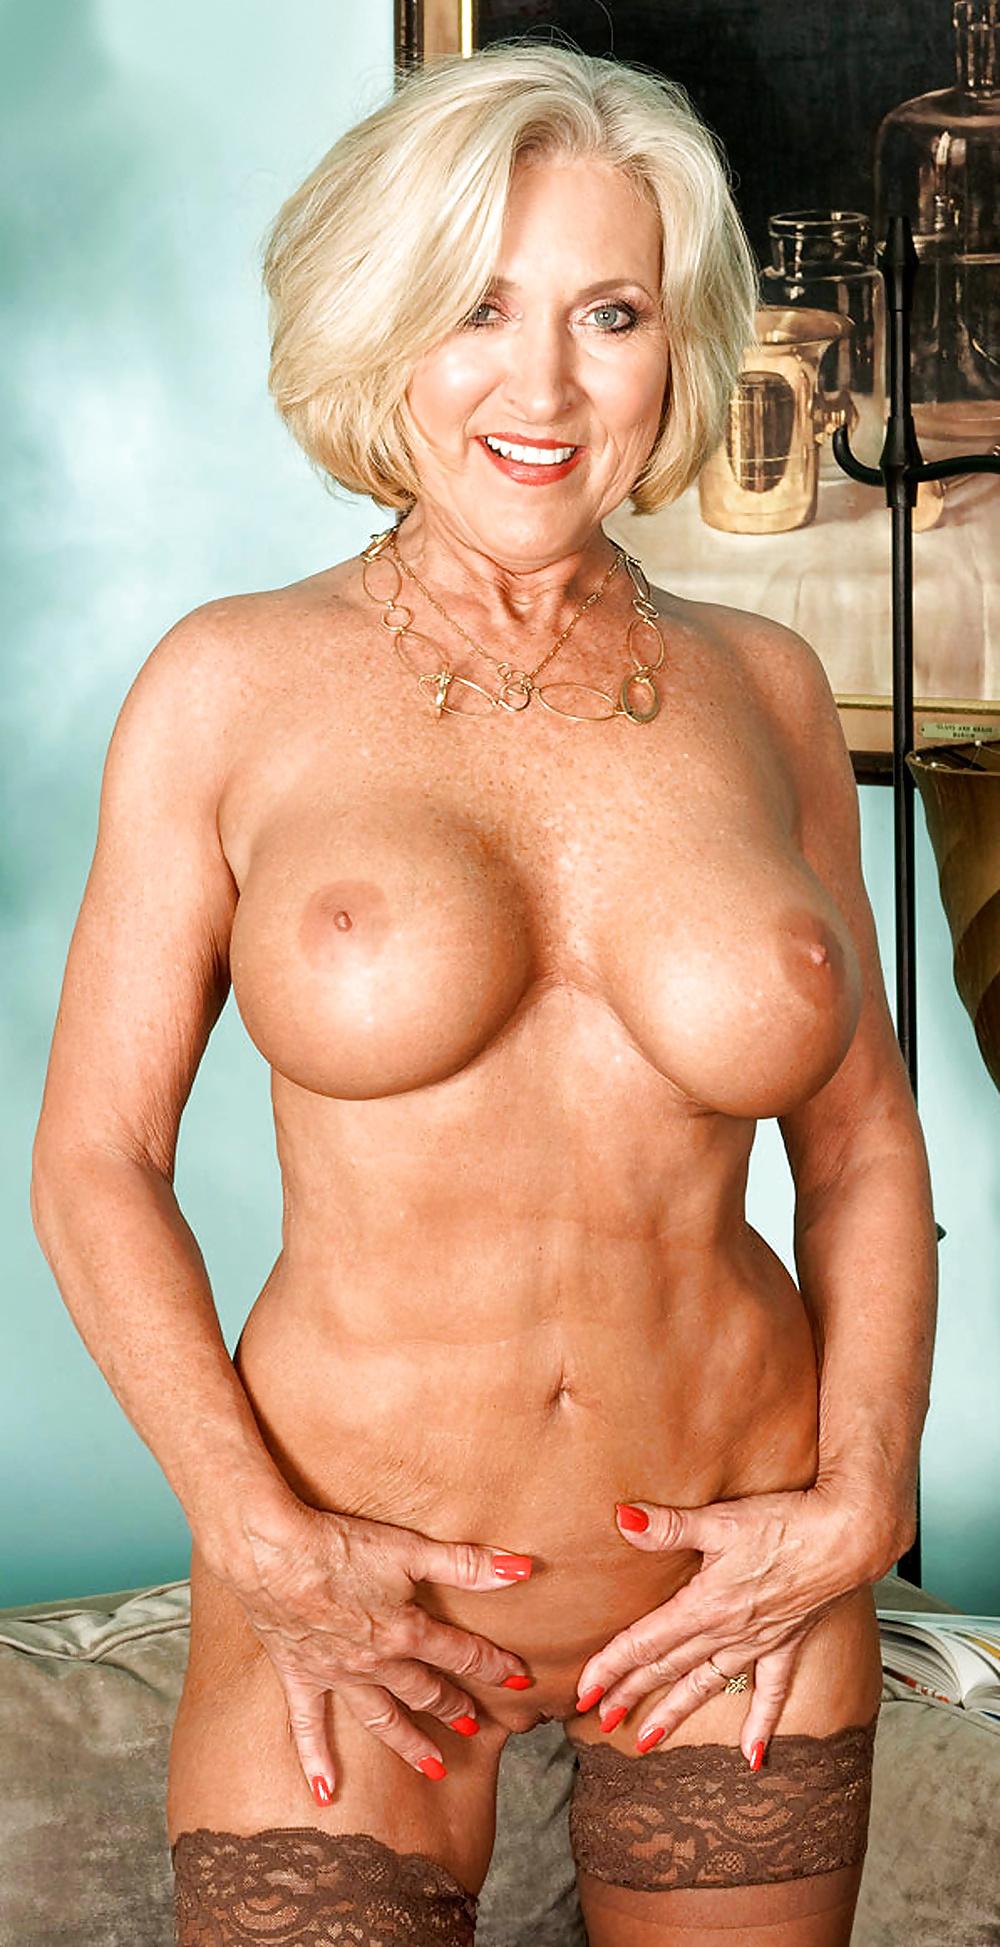 nude-milf-katia-naked-amateur-sex-tape